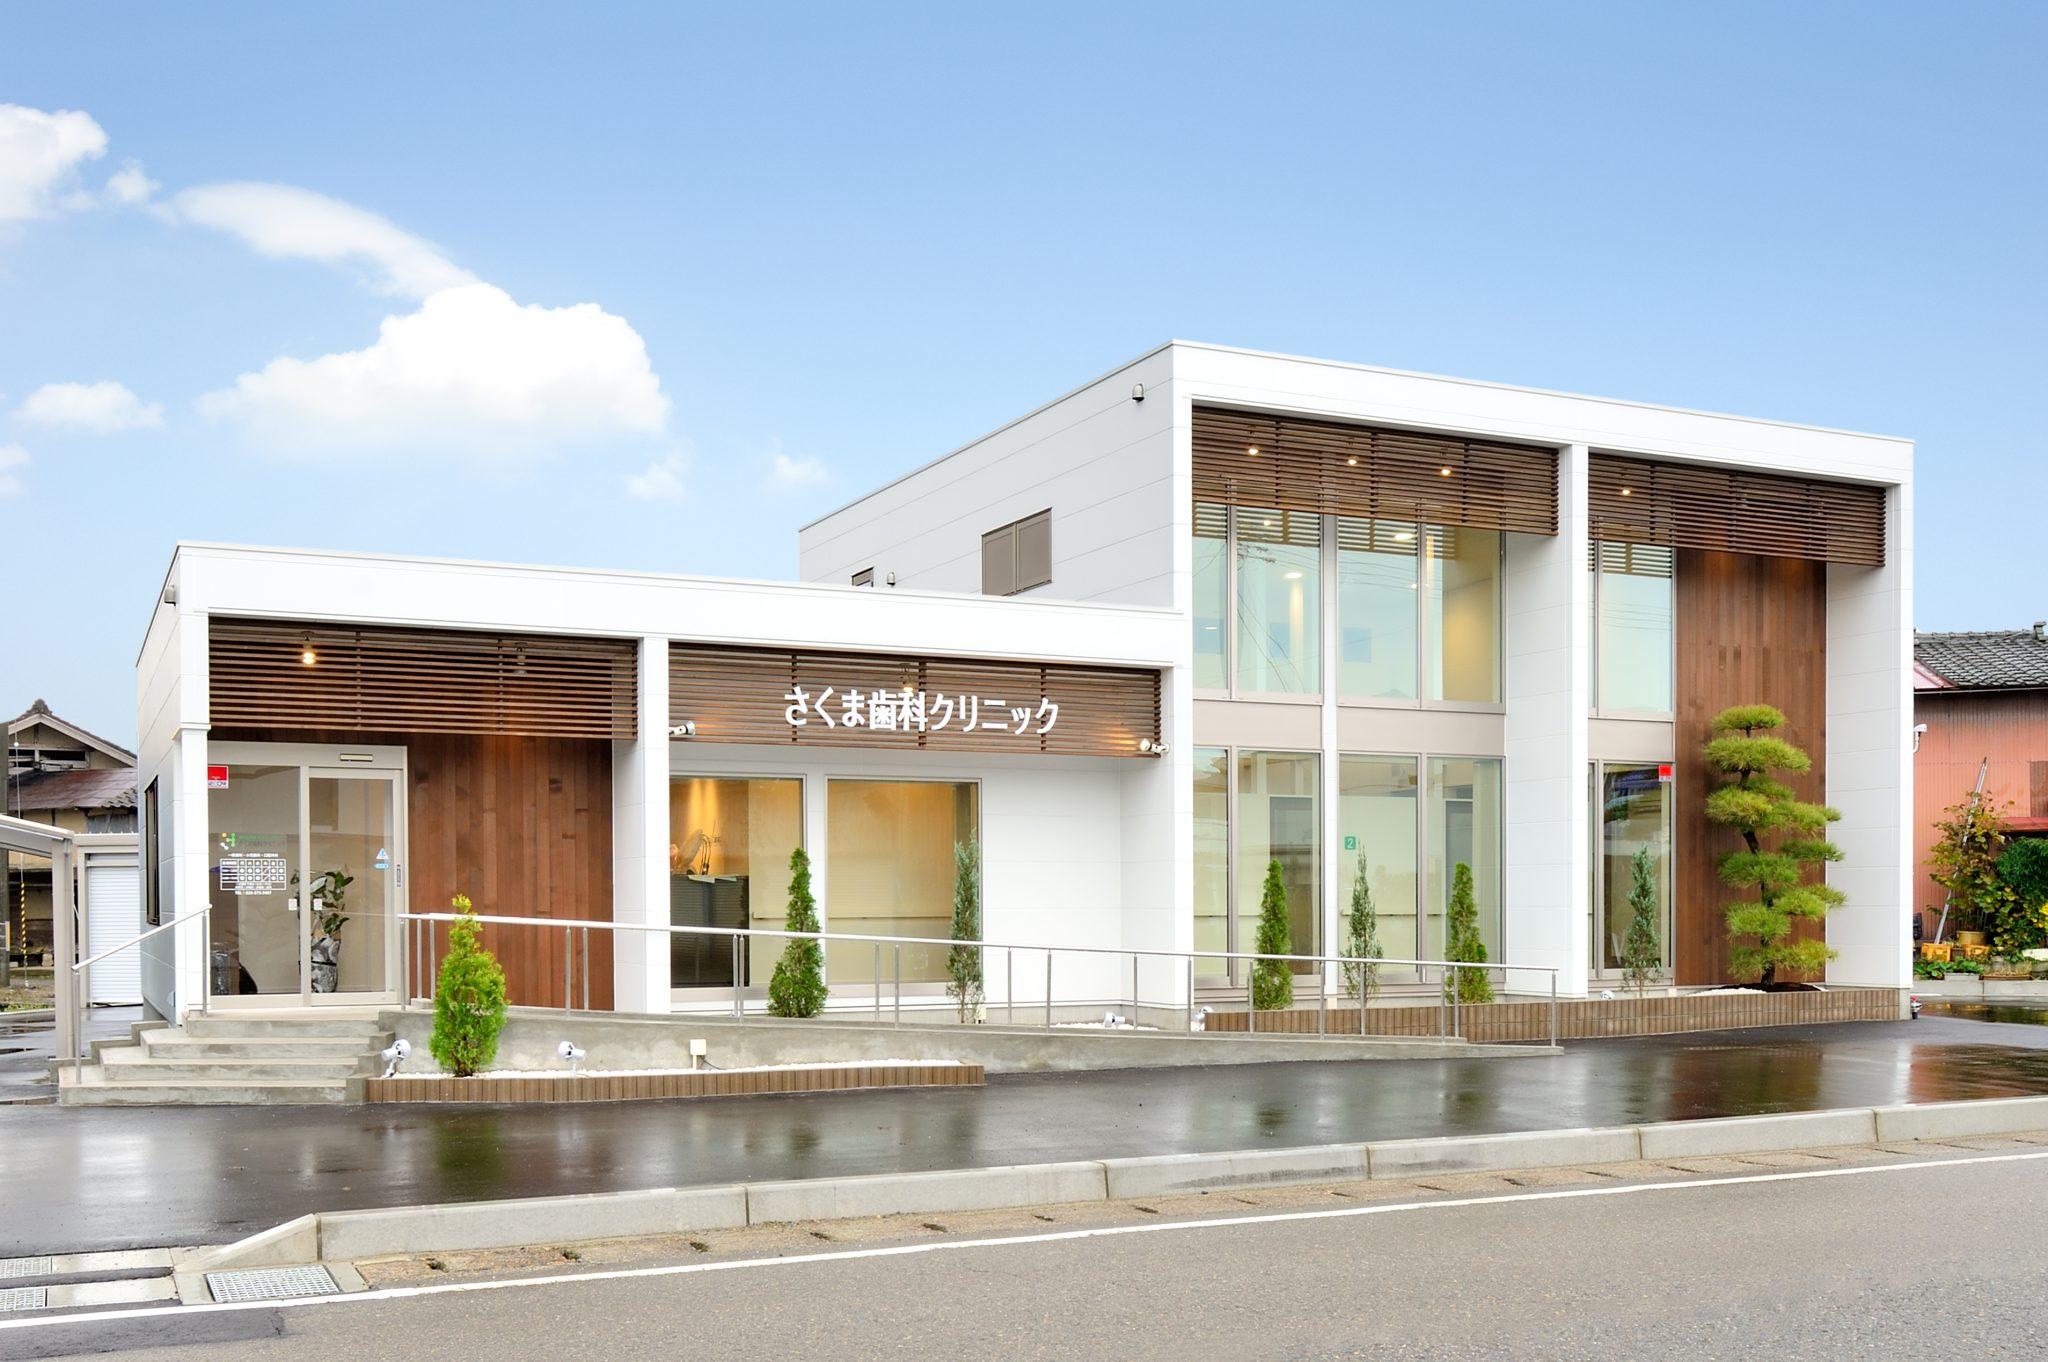 株式会社 新潟ヒロタカデザイン事務所